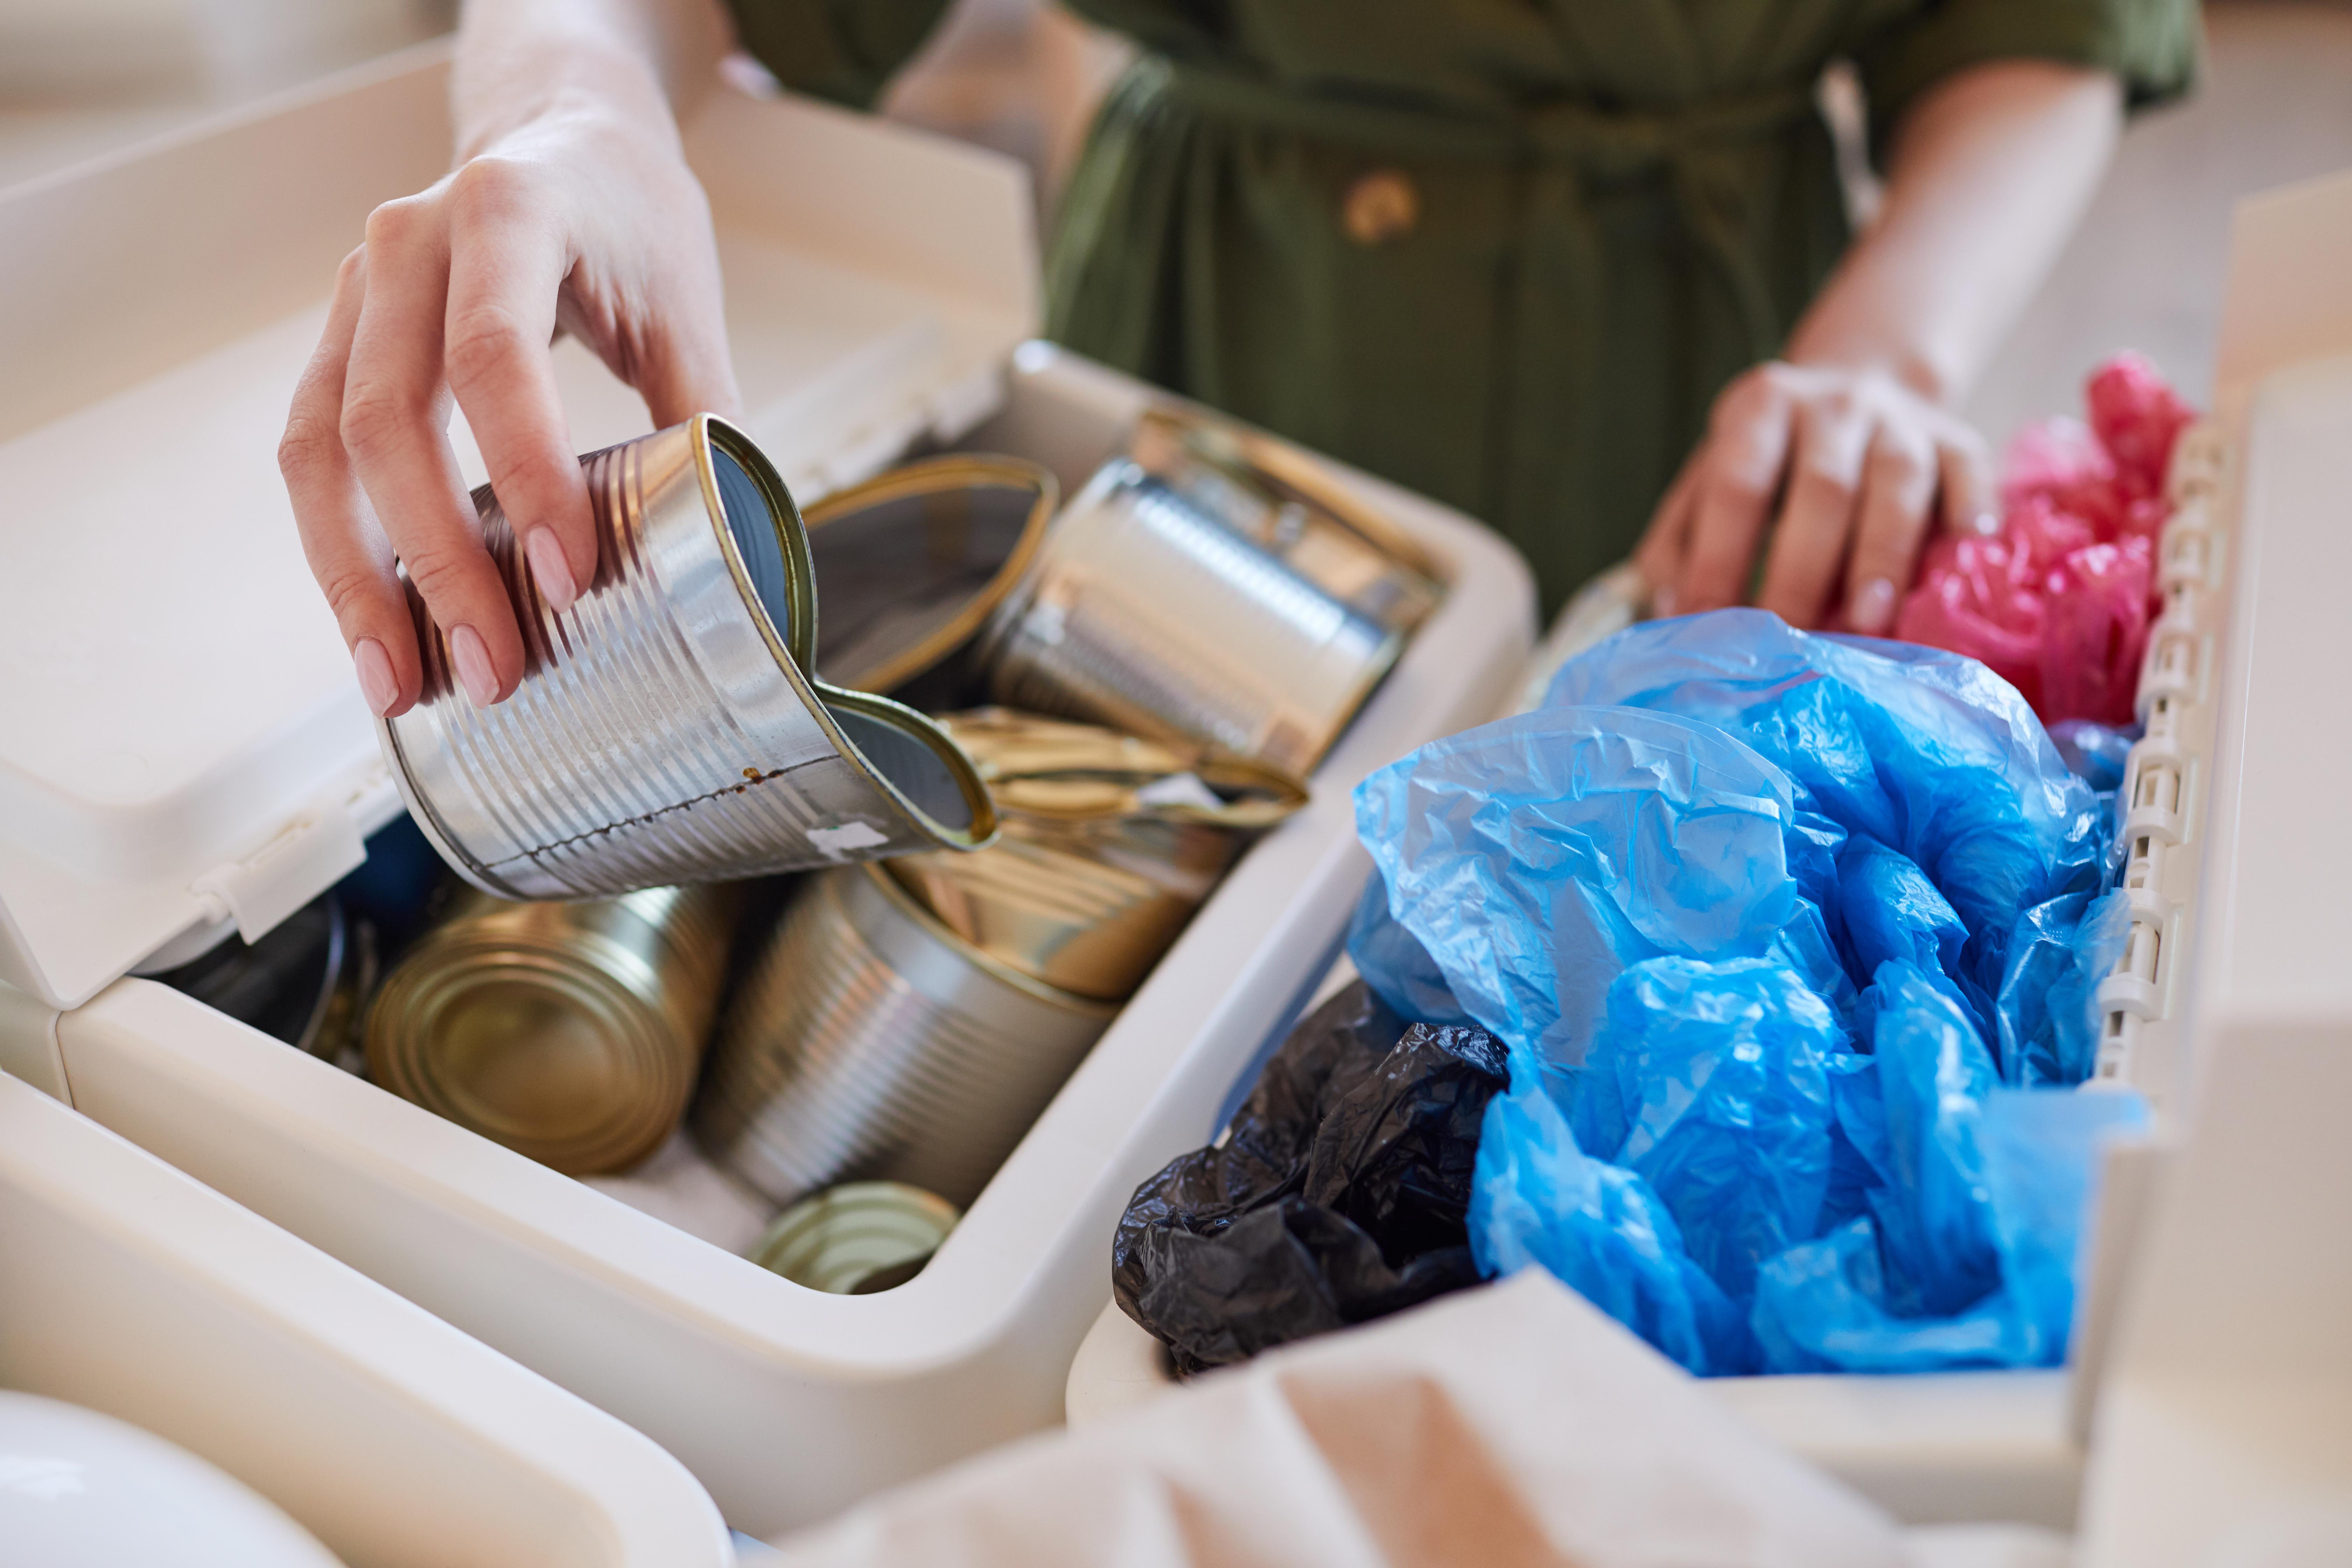 sustentabilidade na separação do lixo